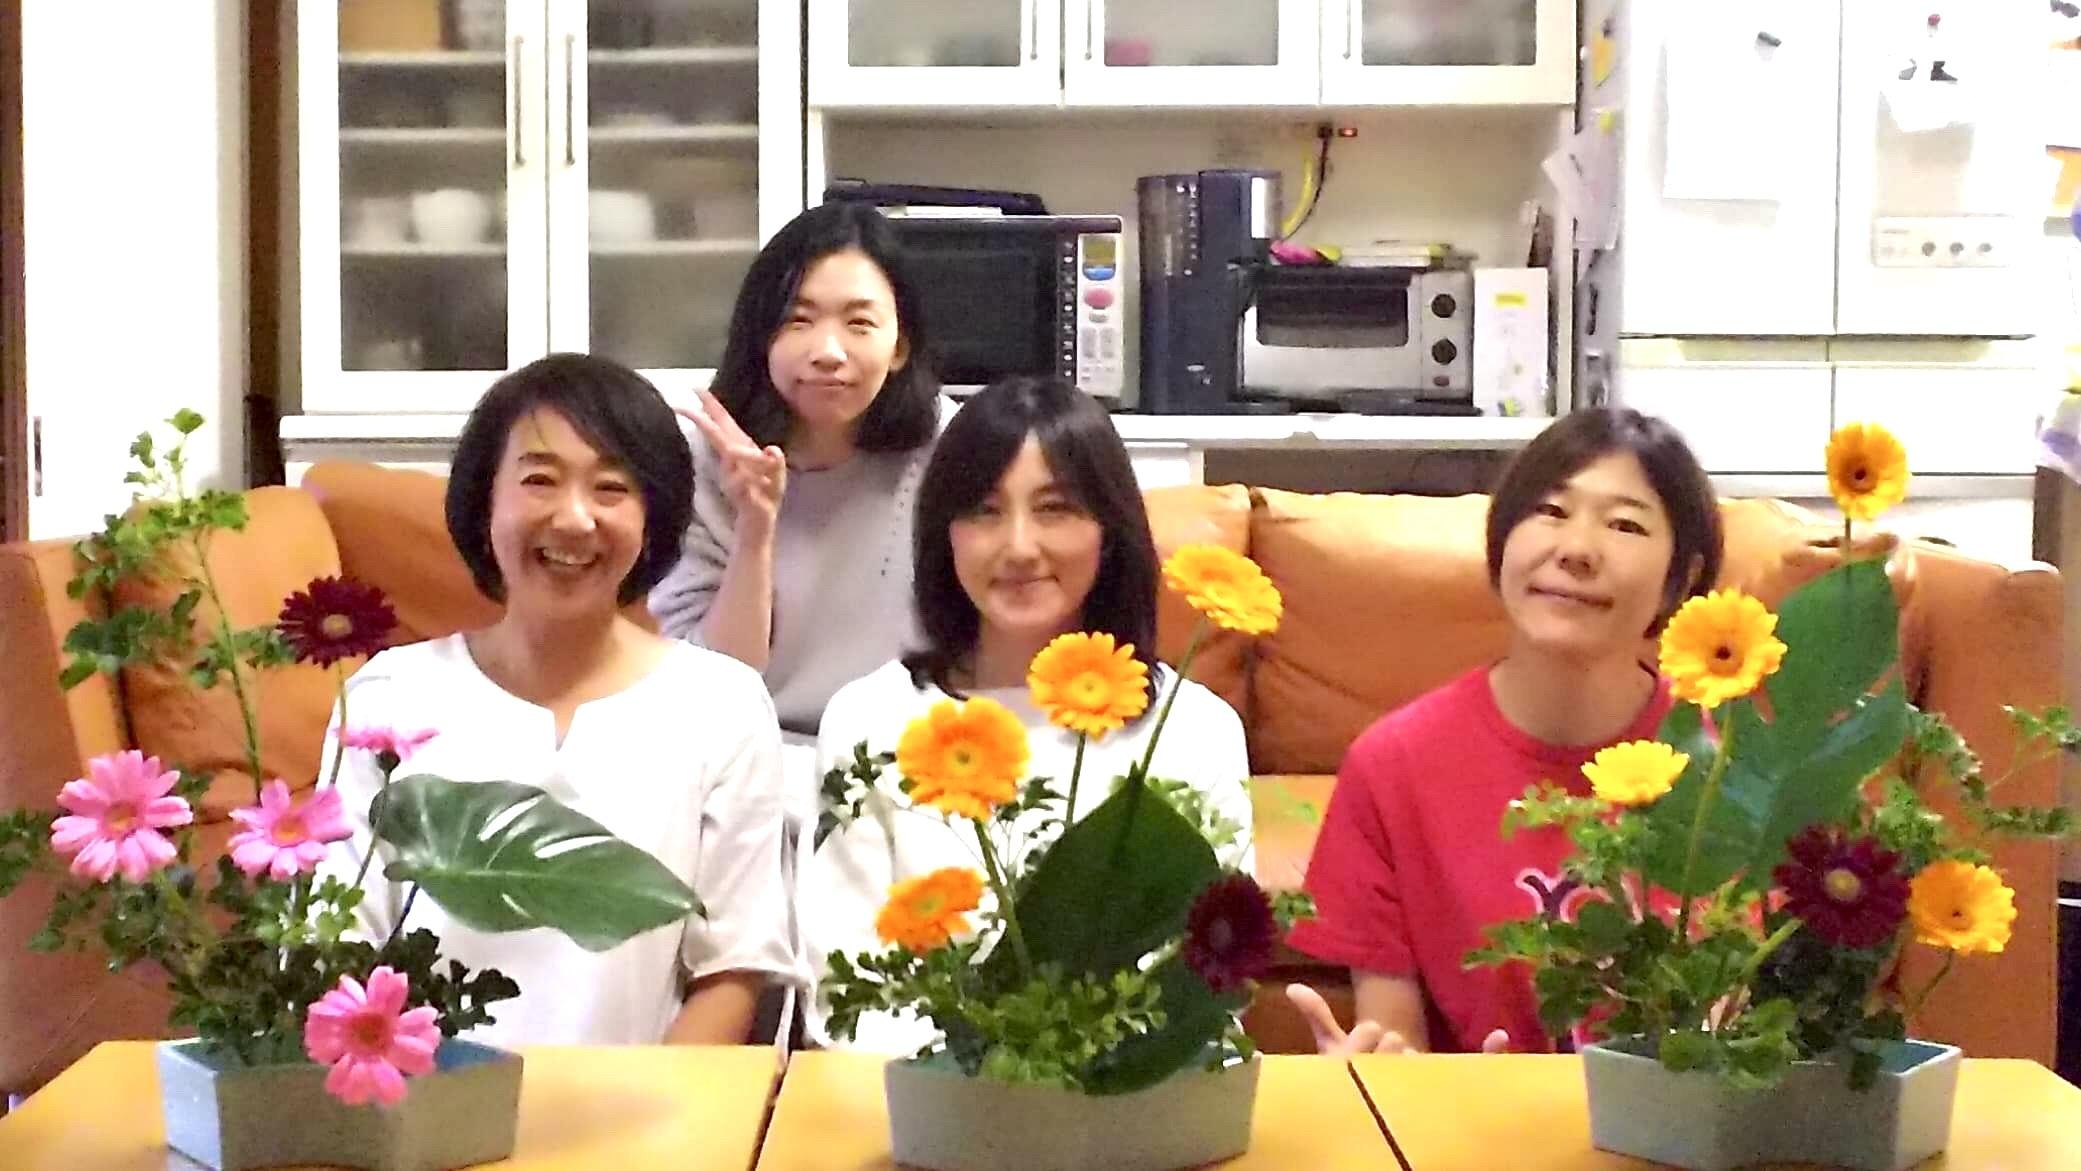 花と戯れる、花楽の時間☆_c0195362_18531149.jpeg